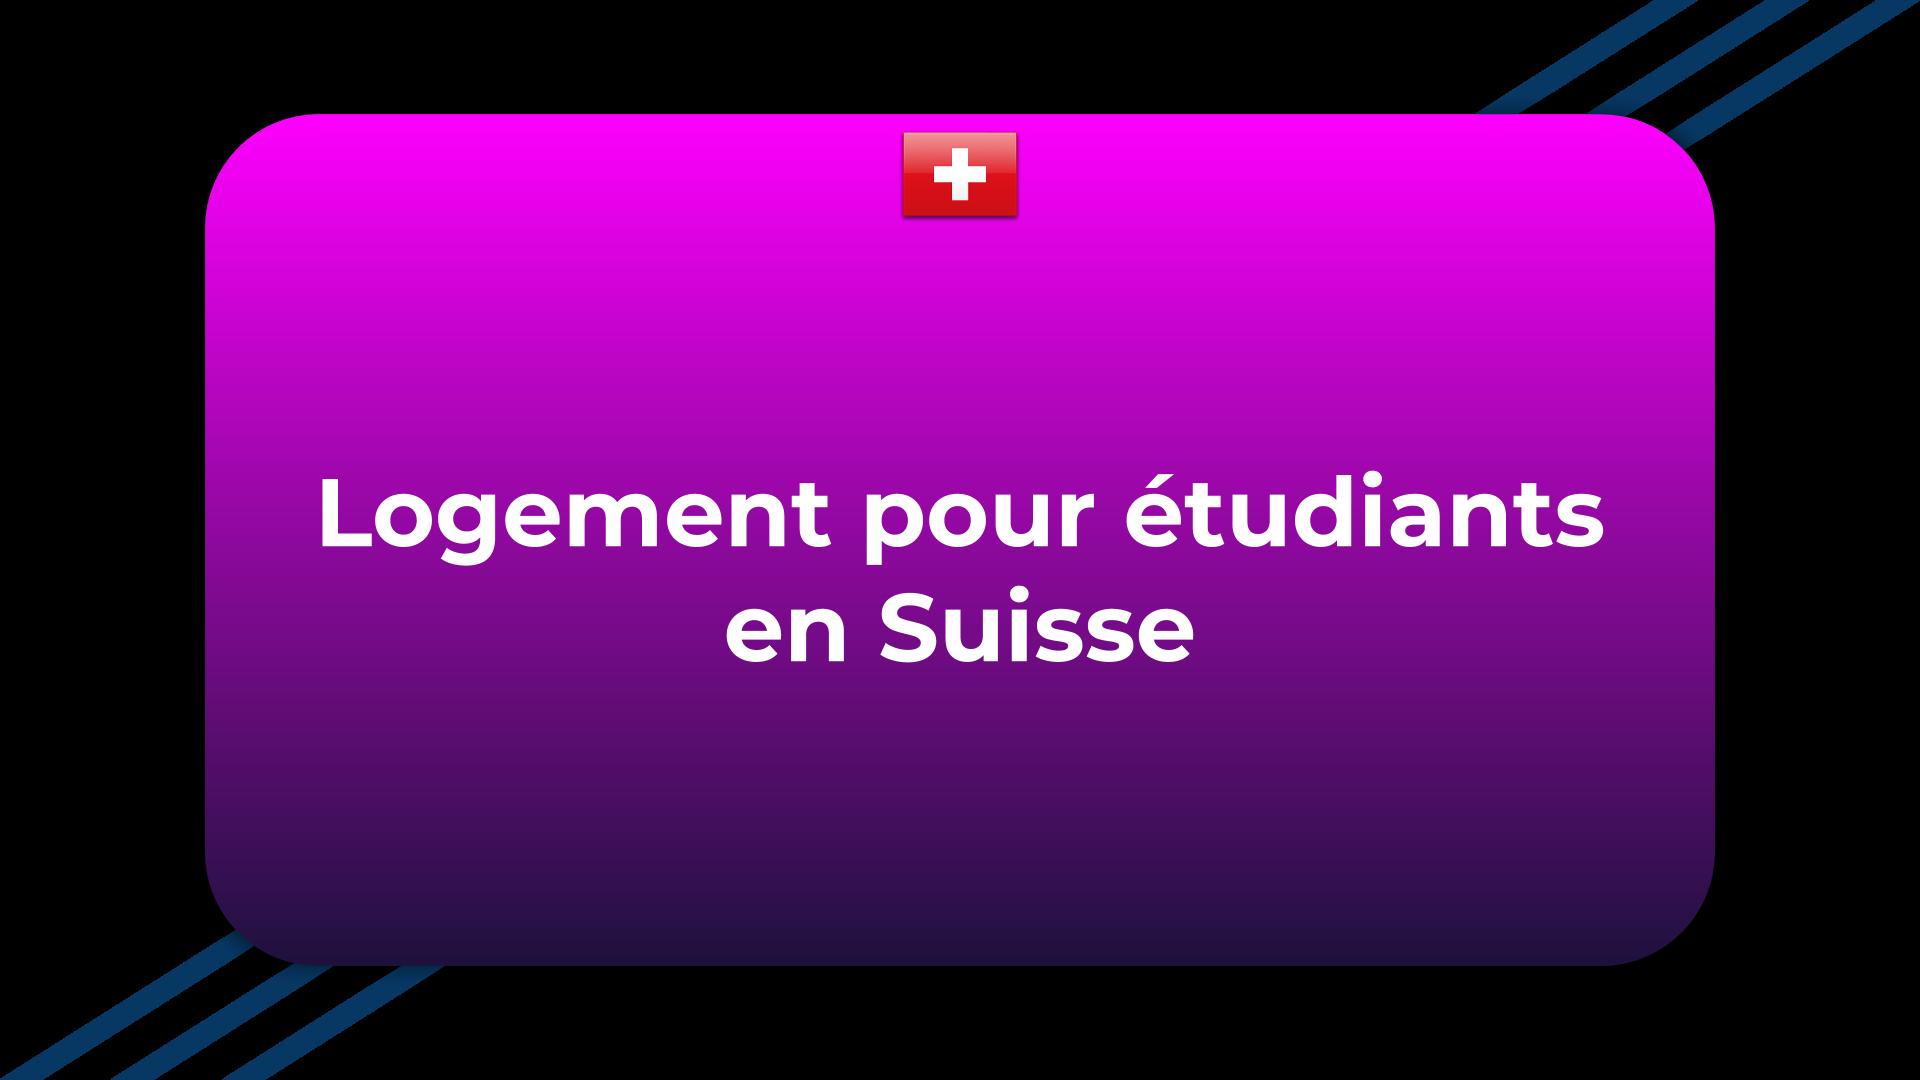 Logement pour étudiants en Suisse